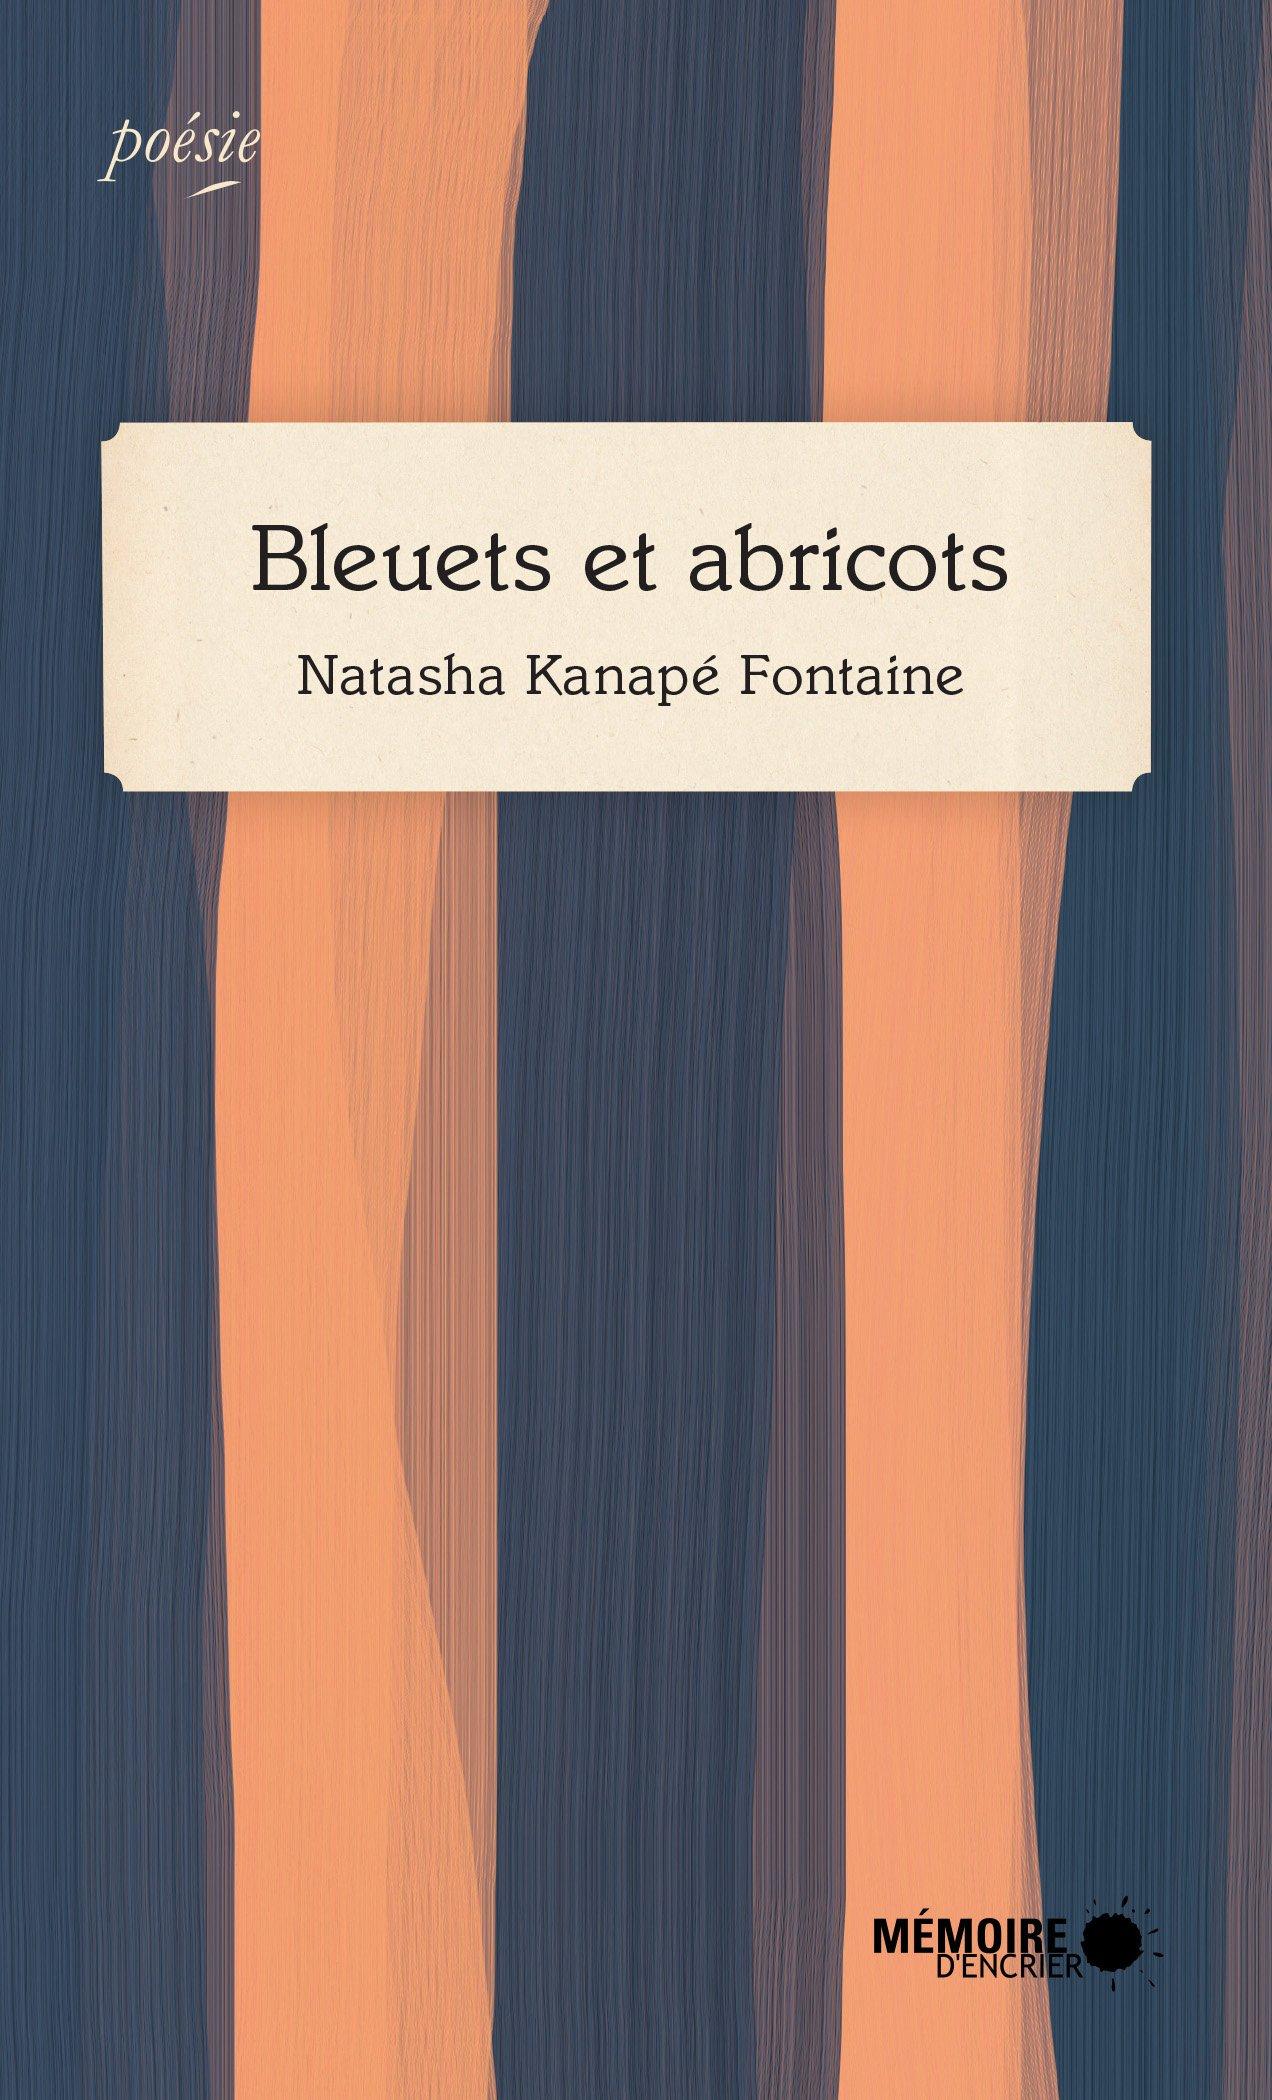 Bleuets et abricots, recueil de Natasha Kanapé-Fontaine